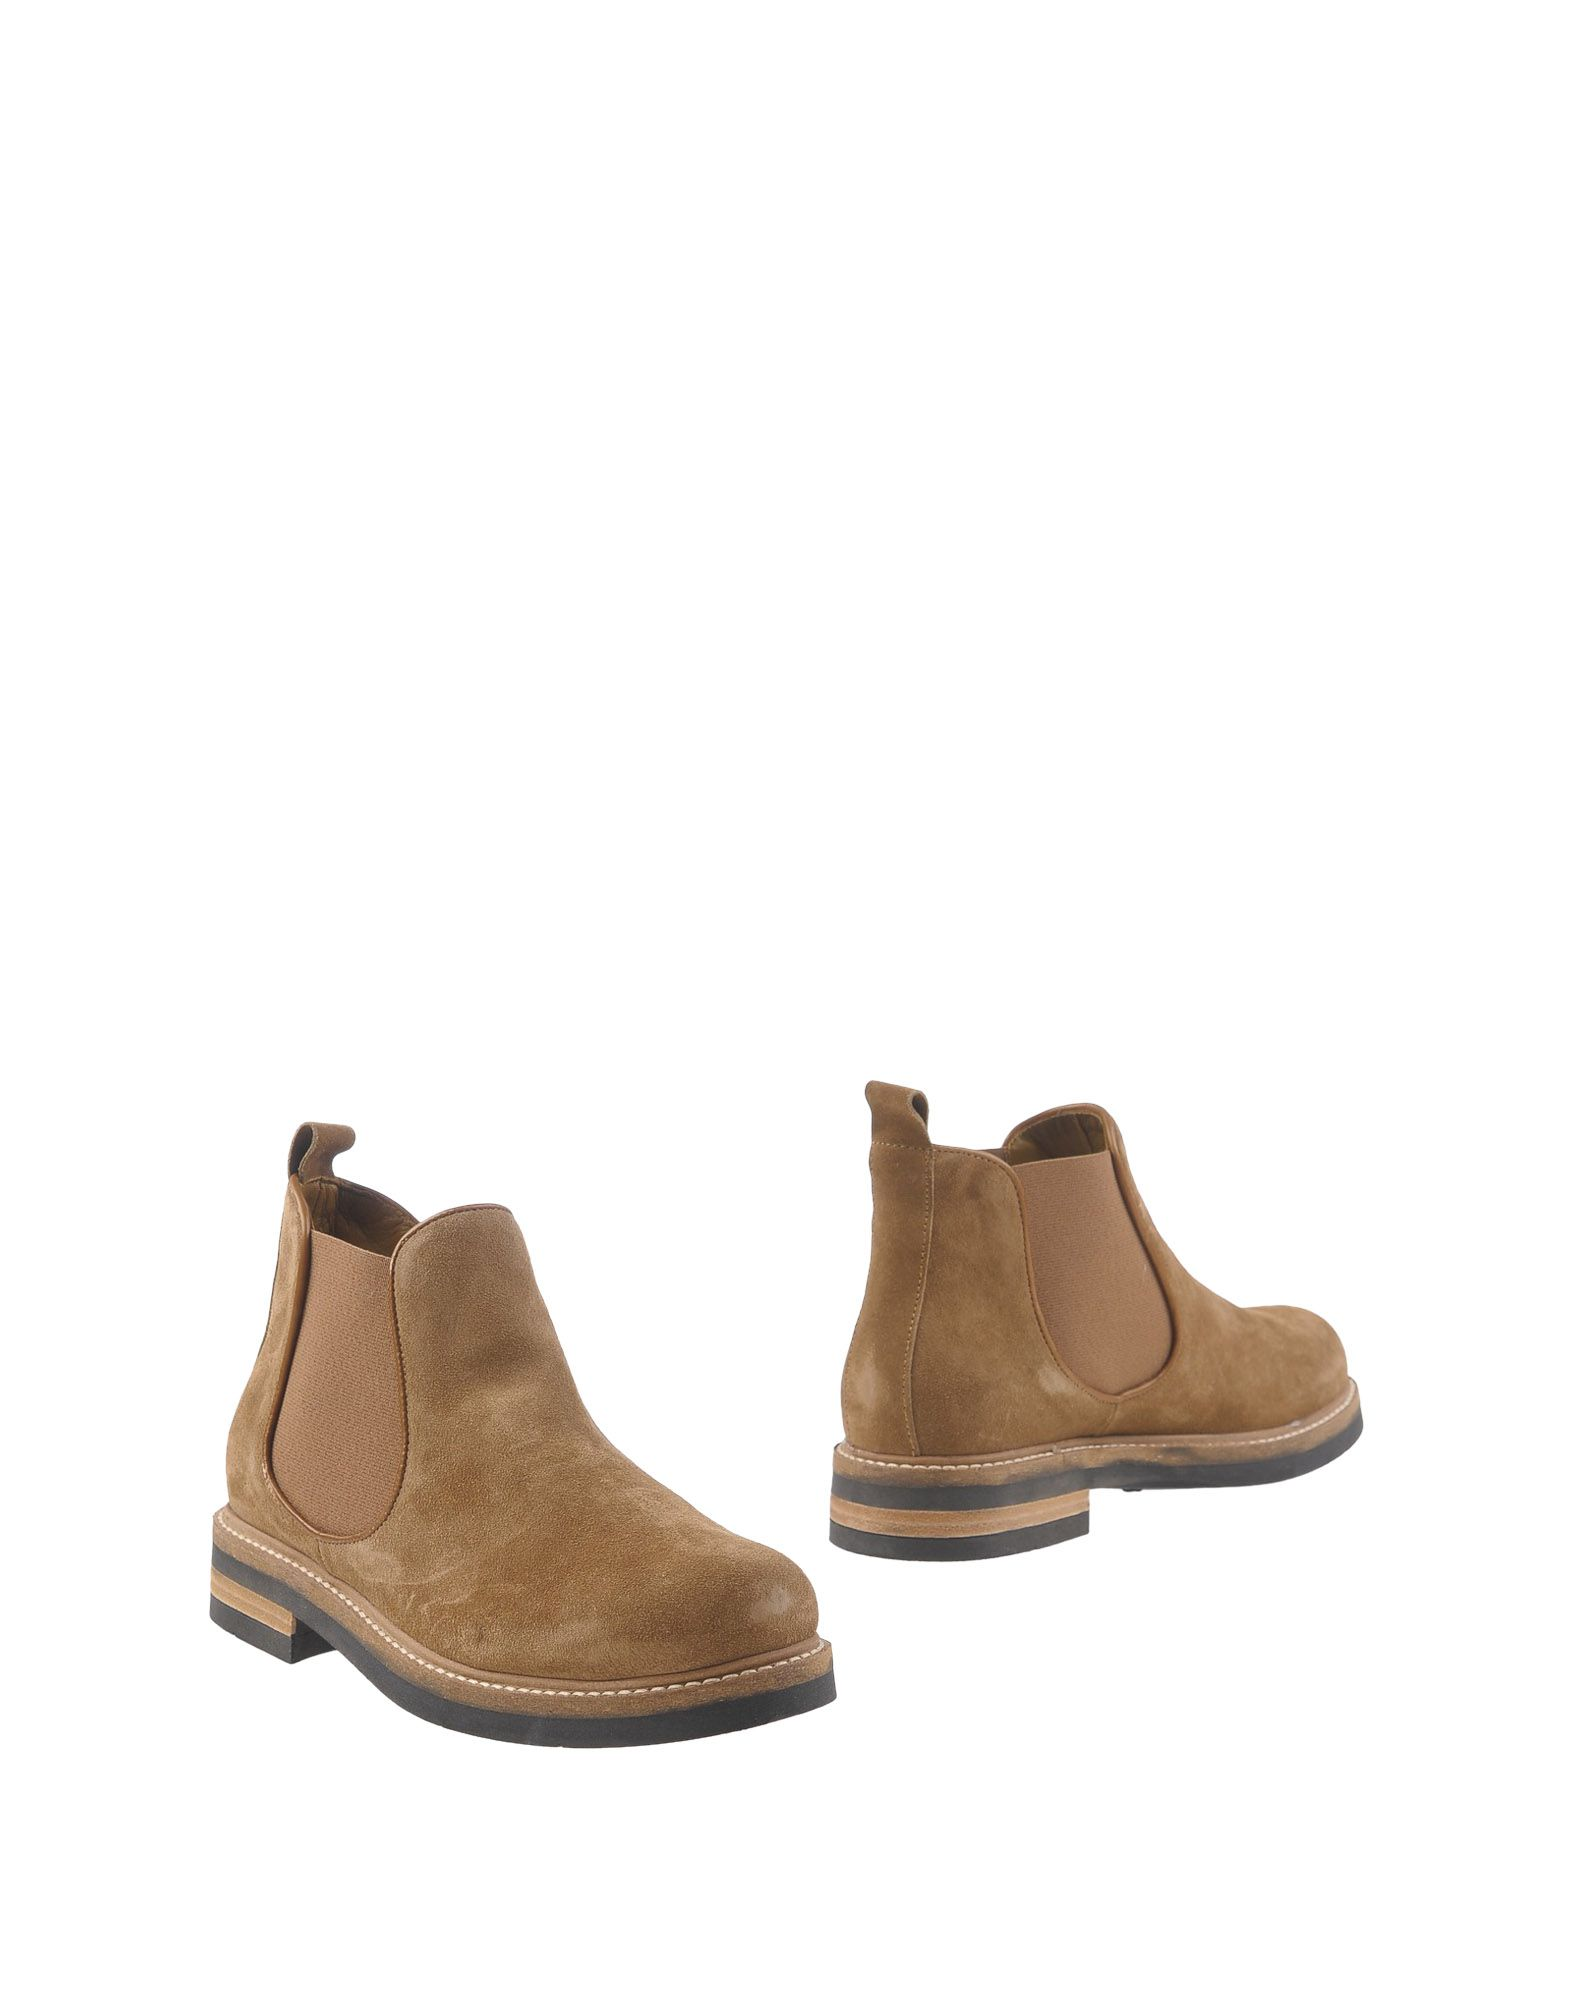 GIONATA Полусапоги и высокие ботинки купить футбольную форму челси торрес